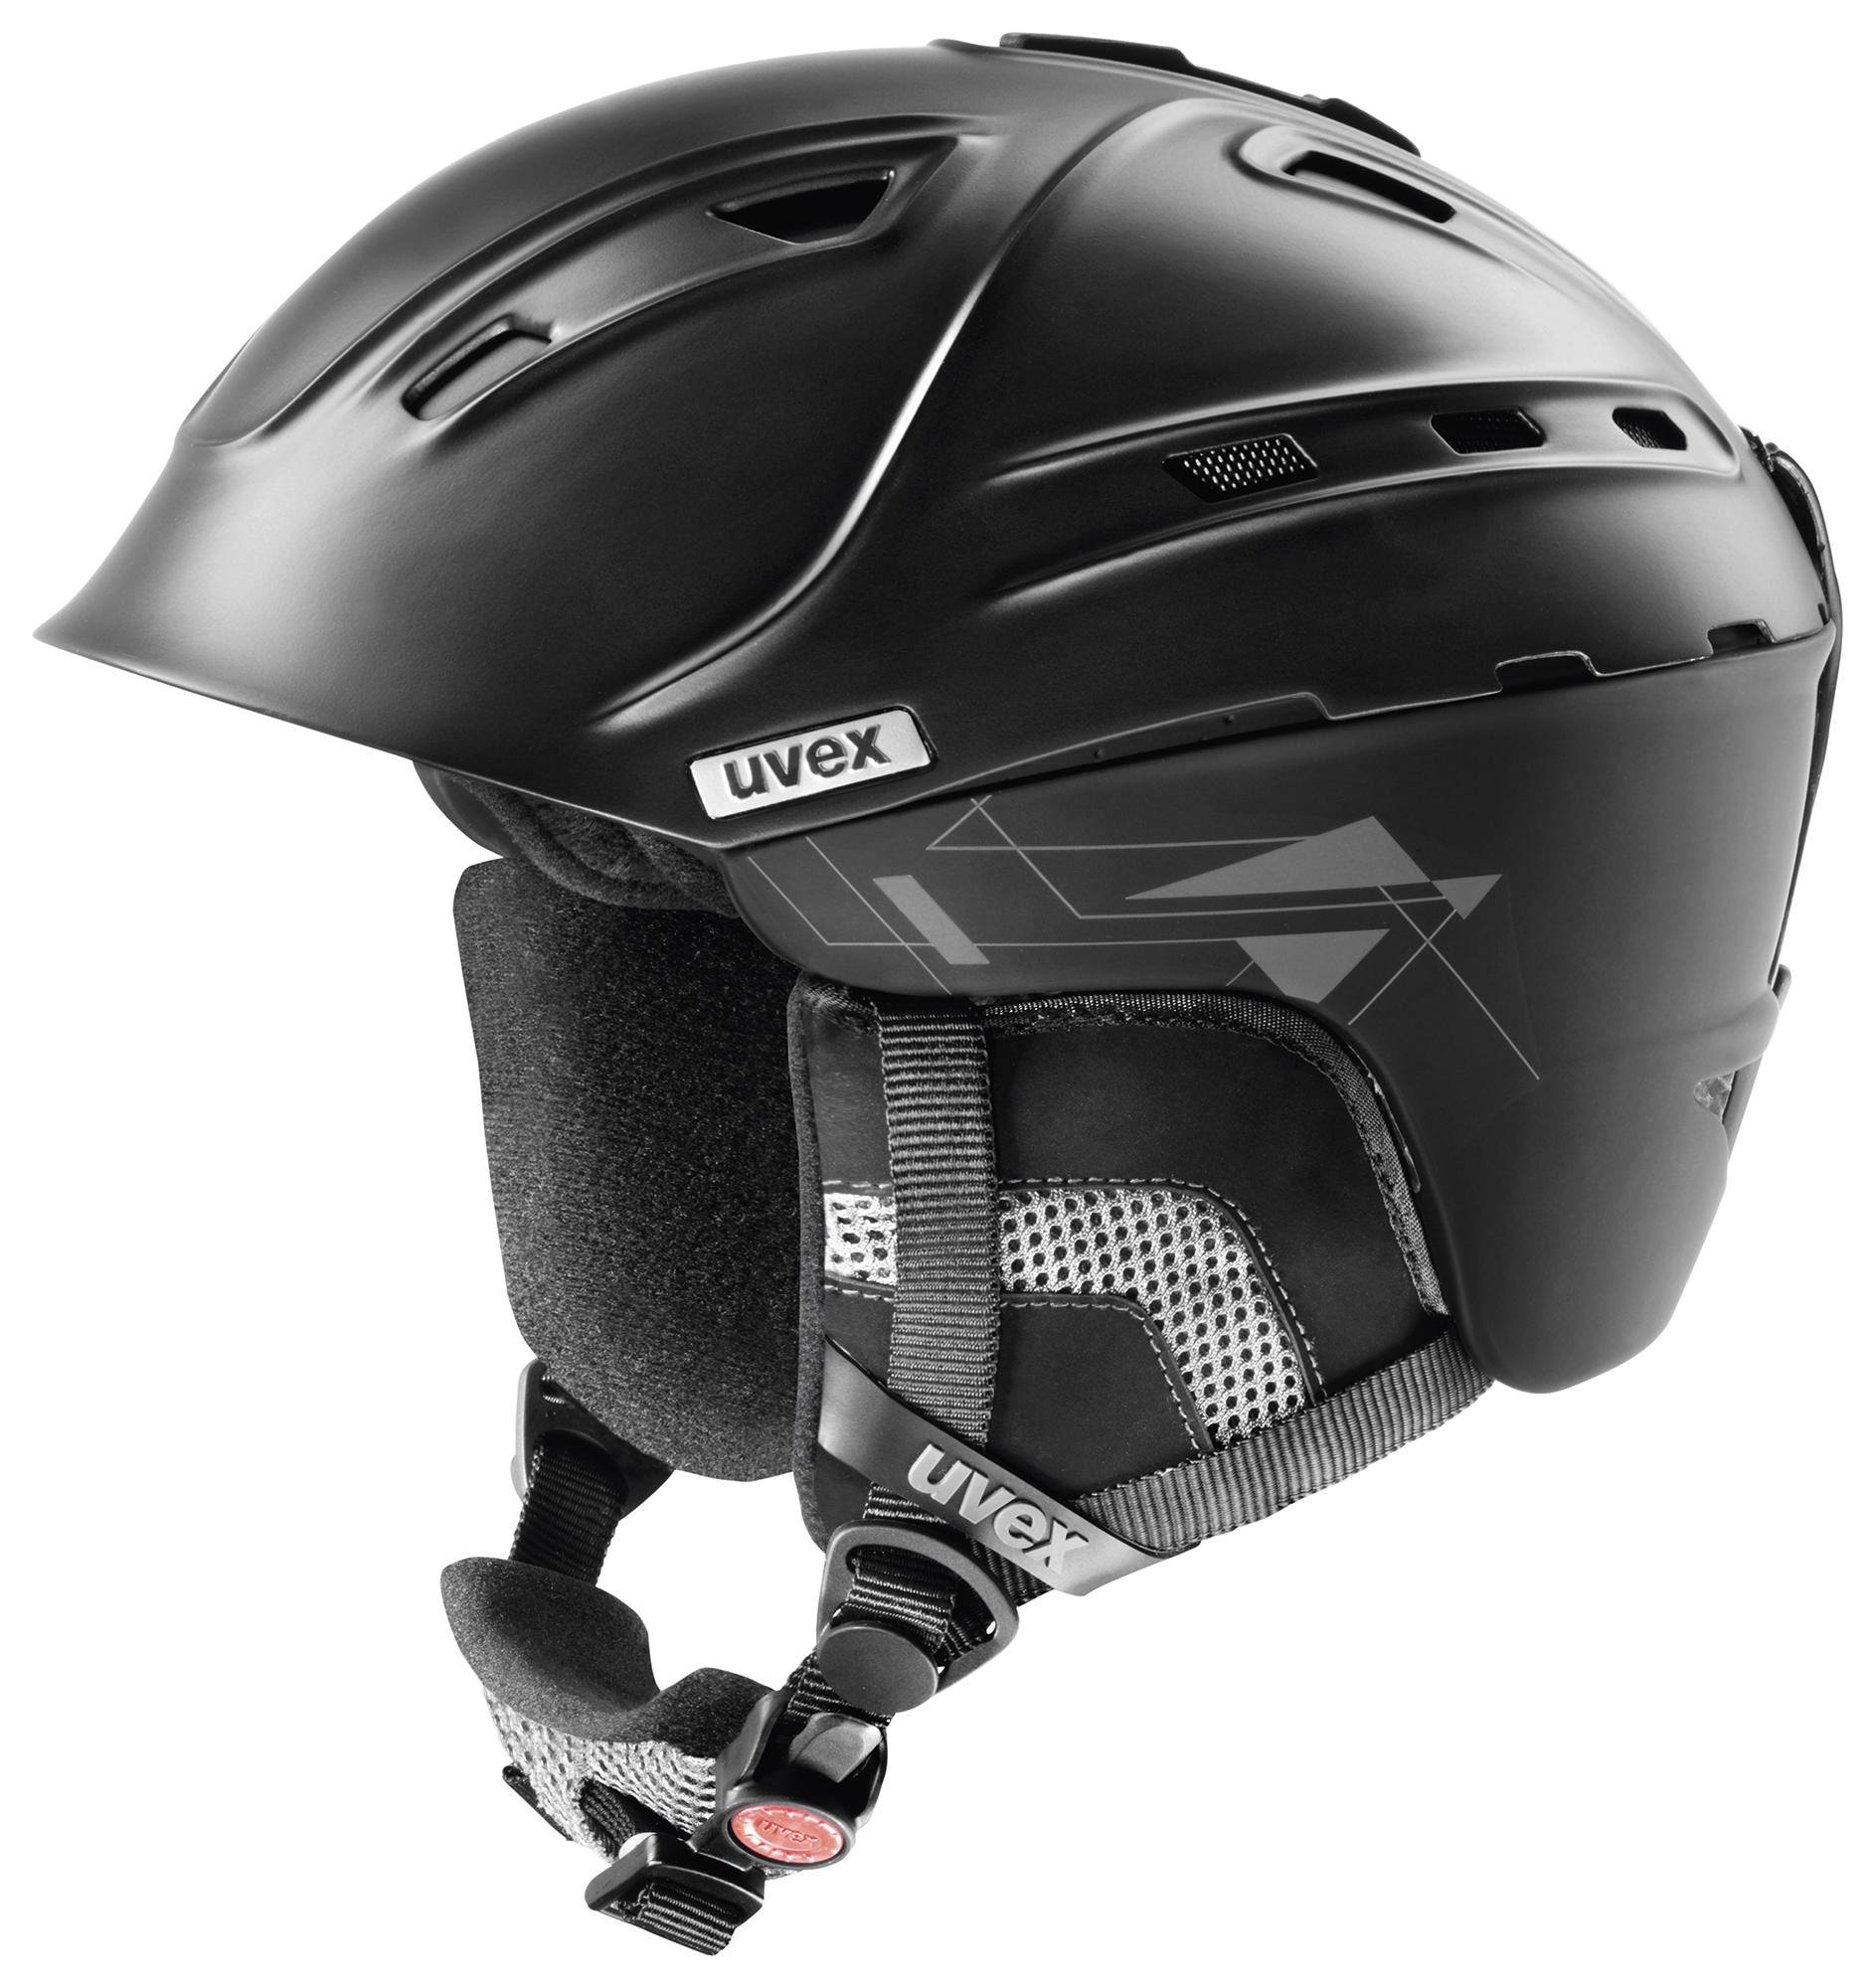 Uvex Шлем Uvex P2us, размер 57-58